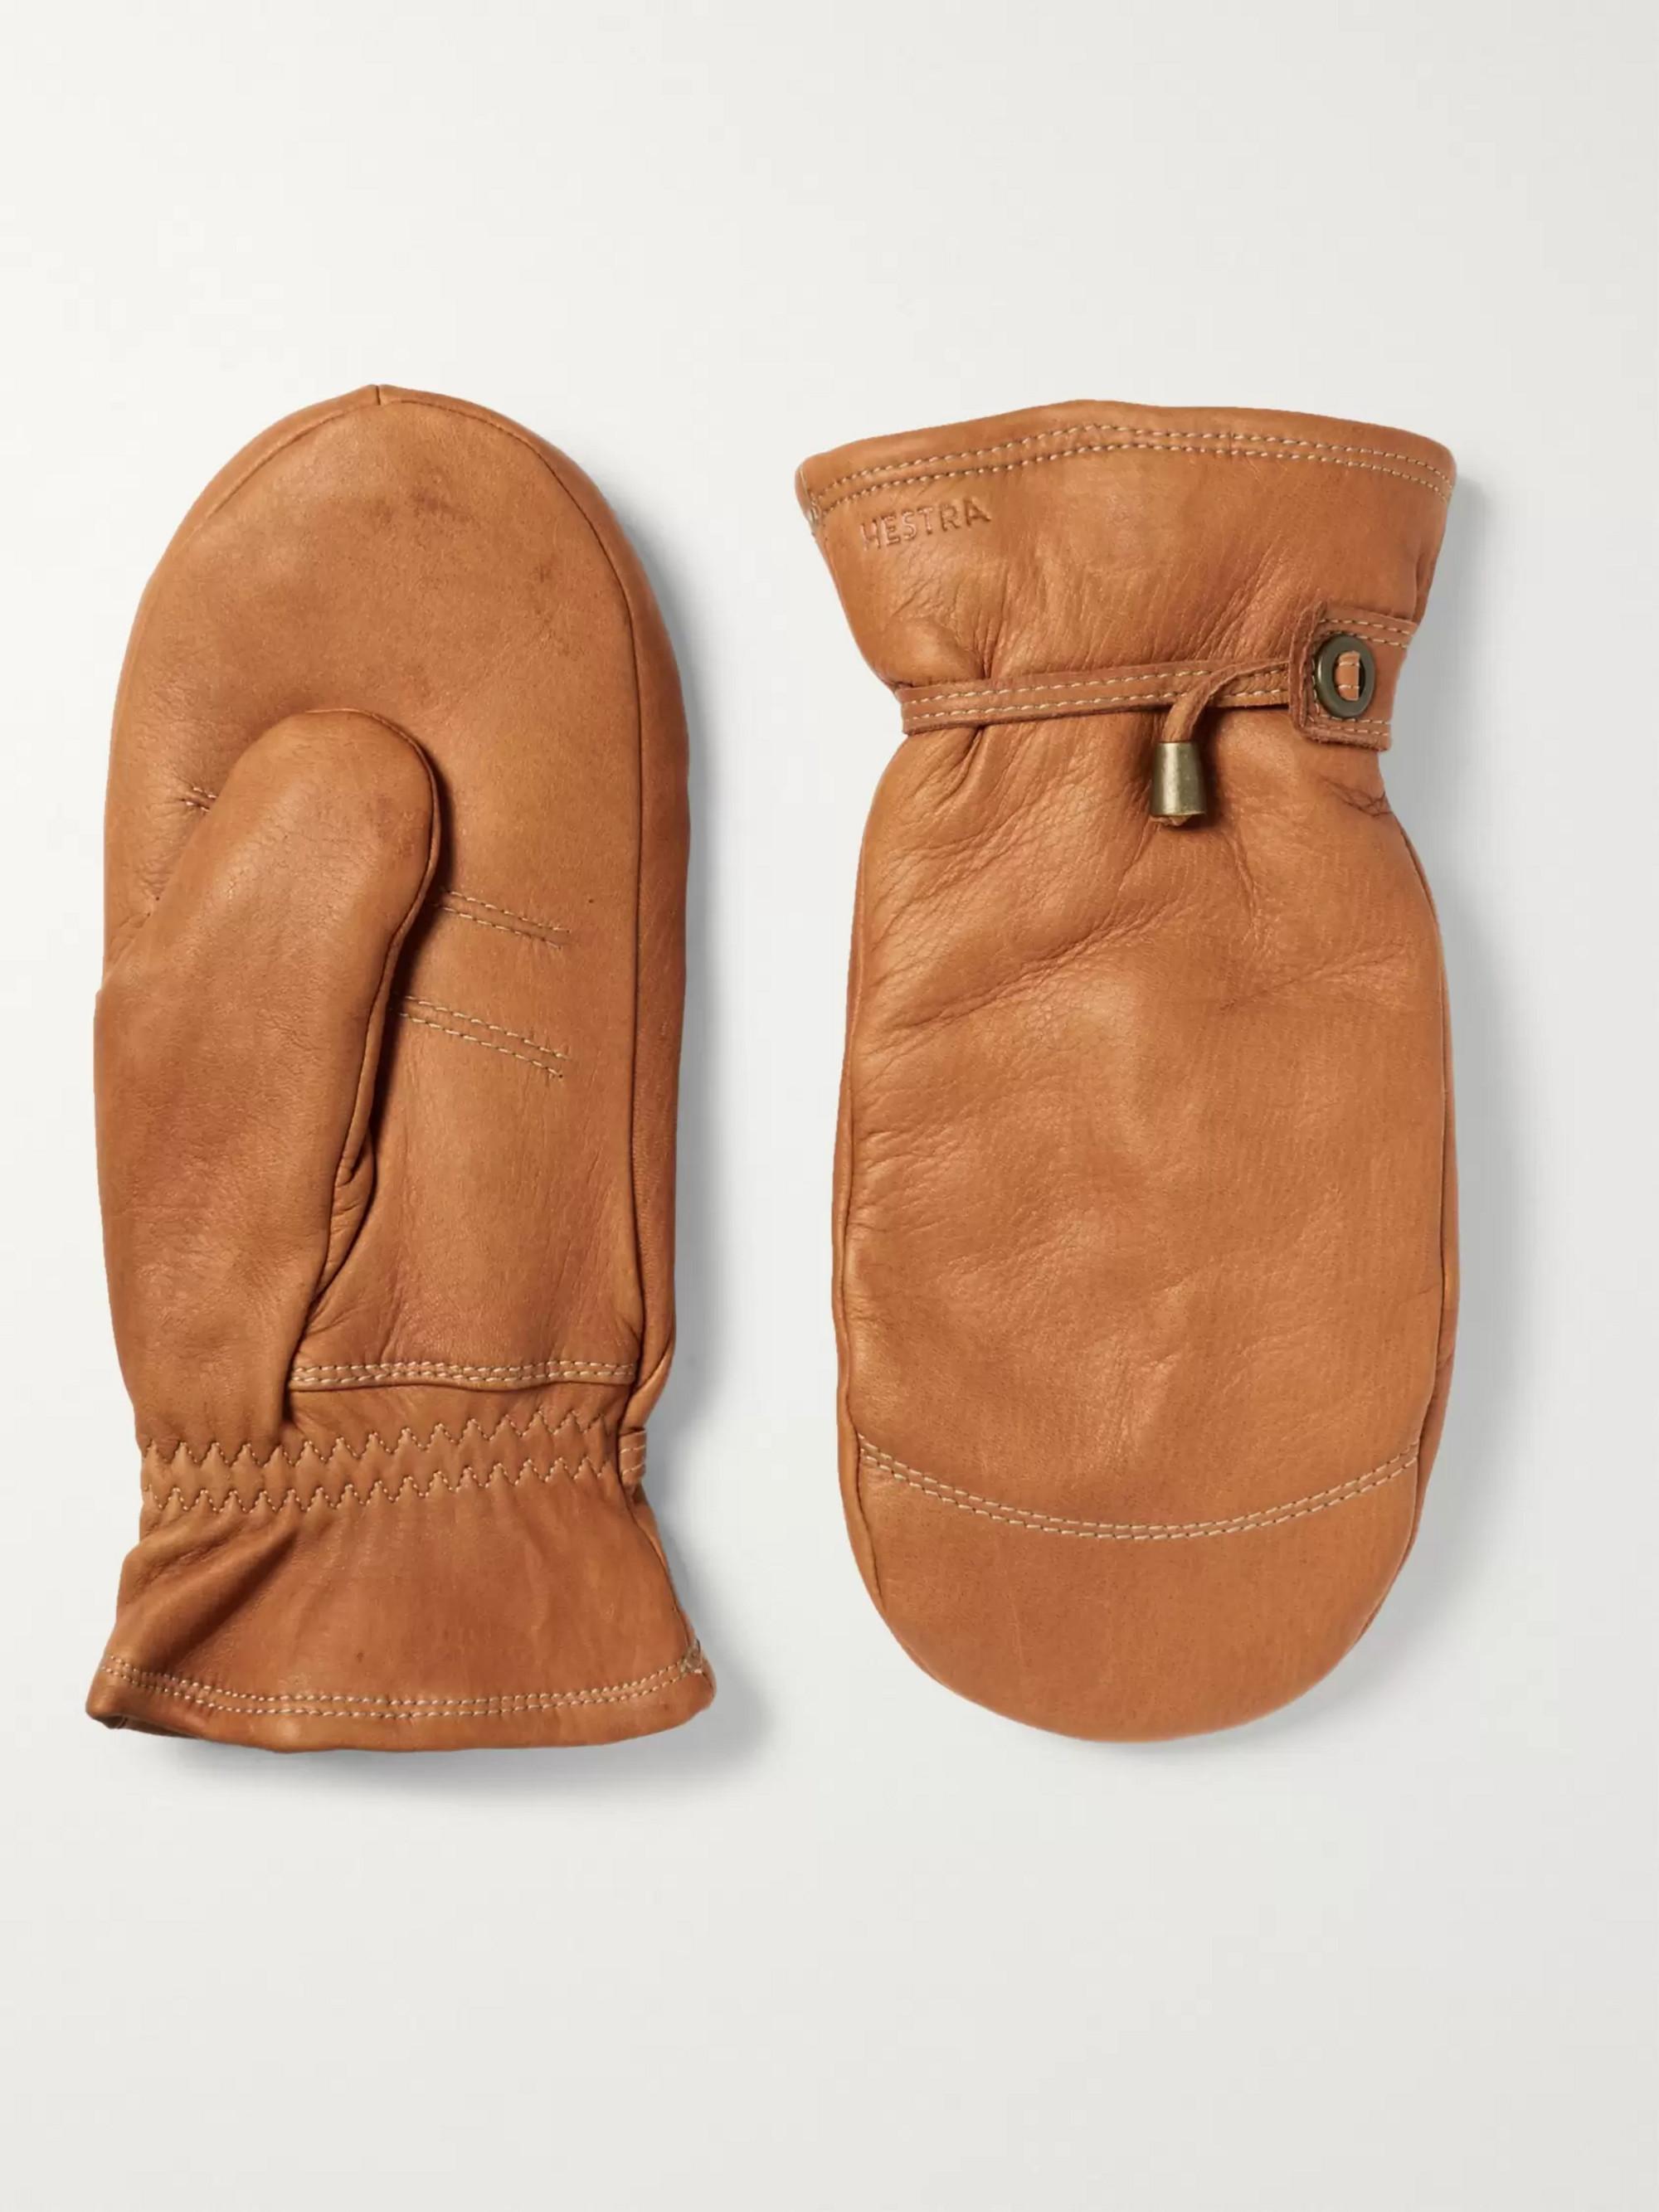 mittens for men